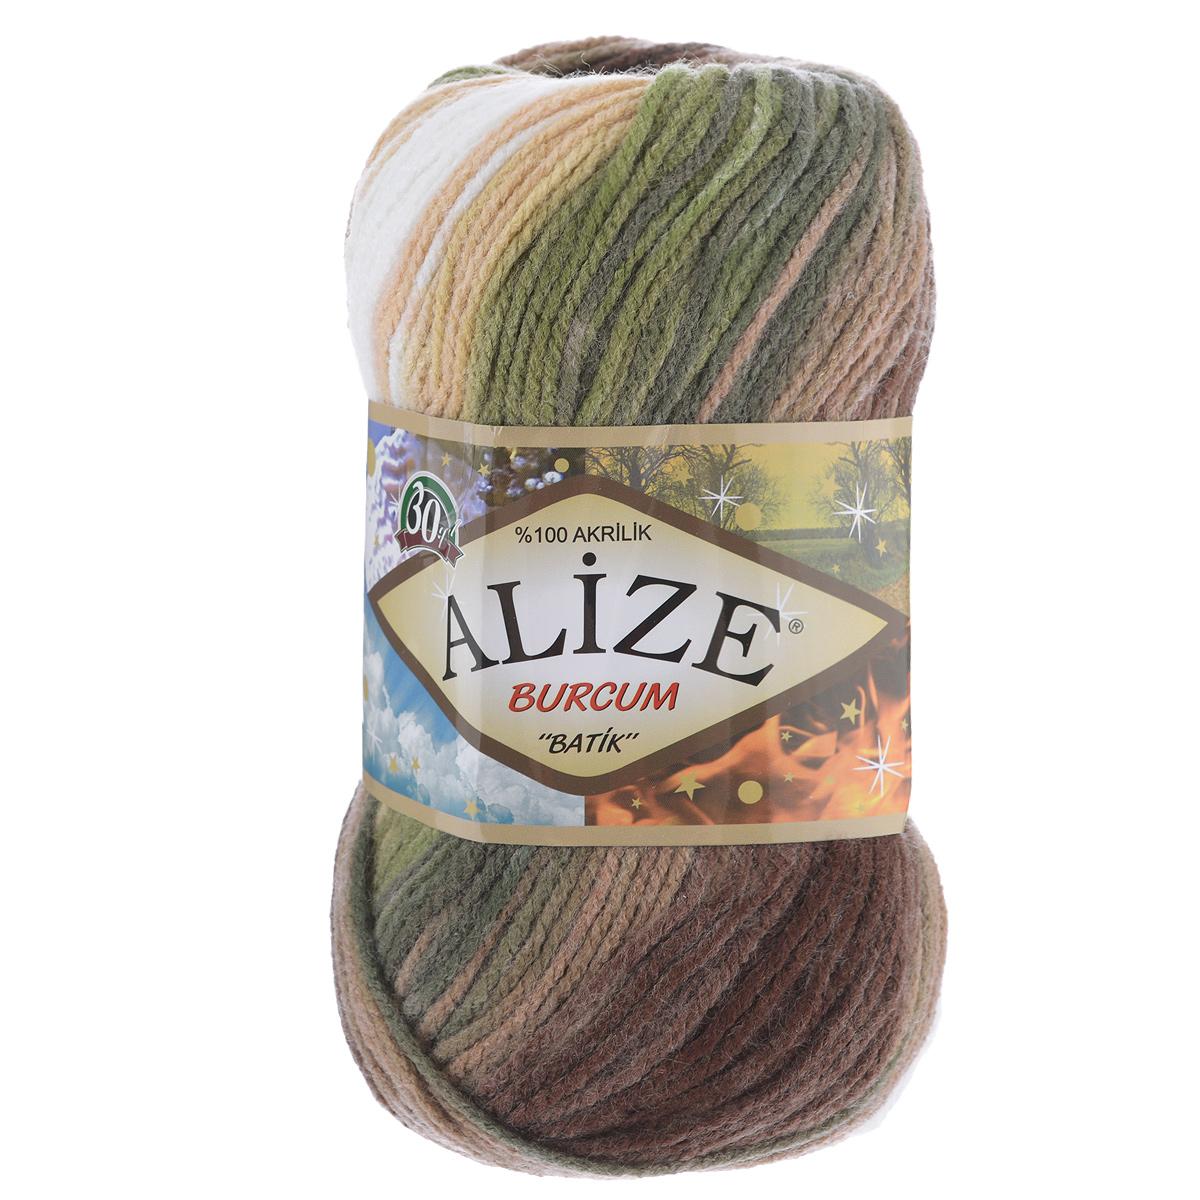 Пряжа для вязания Alize Burсum Batik, цвет: белый, болотный, бежевый (1893), 210 м, 100 г, 5 шт364118_1893Пряжа Alize Burсum Batik - это классическая демисезонная пряжа секционного крашения. Она мягкая, «нескрипучая». Нить плотно скручена, после распускания не деформируется. Связанные вещи не колются, не линяют, не теряют своей формы, не образуют катышков. Такую пряжу можно даже использовать для вязания детской одежды. Пряжа Alize Burсum Batik идеальна для создания свитеров, регланов, жилетов, кардиганов, шарфов, шапок, аксессуаров, пледов и др. Рекомендованные спицы для вязания 4-6 мм. Состав: 100% акрил.